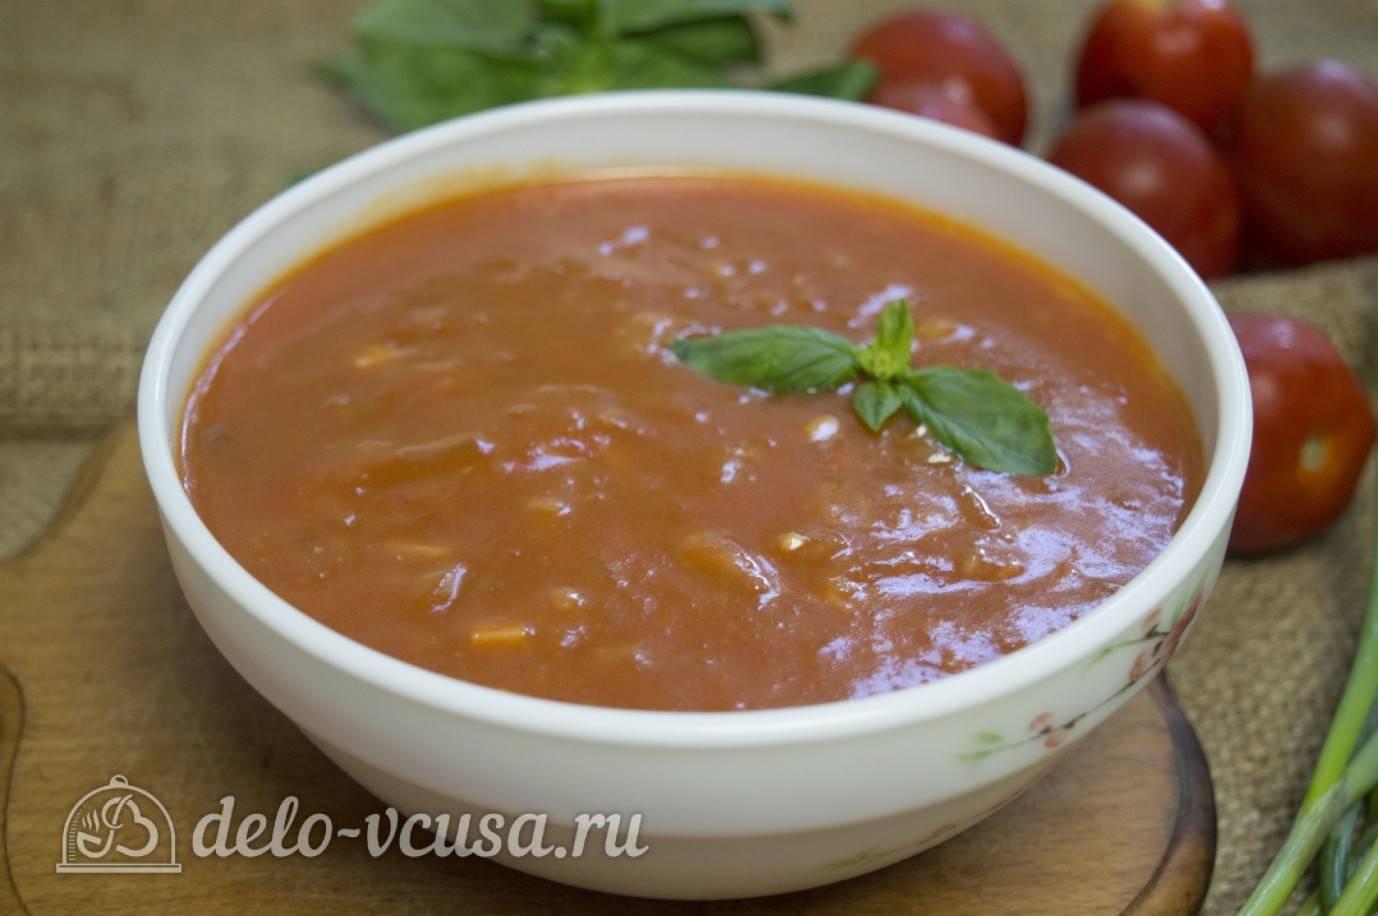 Томатный соус с базиликом на зиму, рецепт с фото пошагово